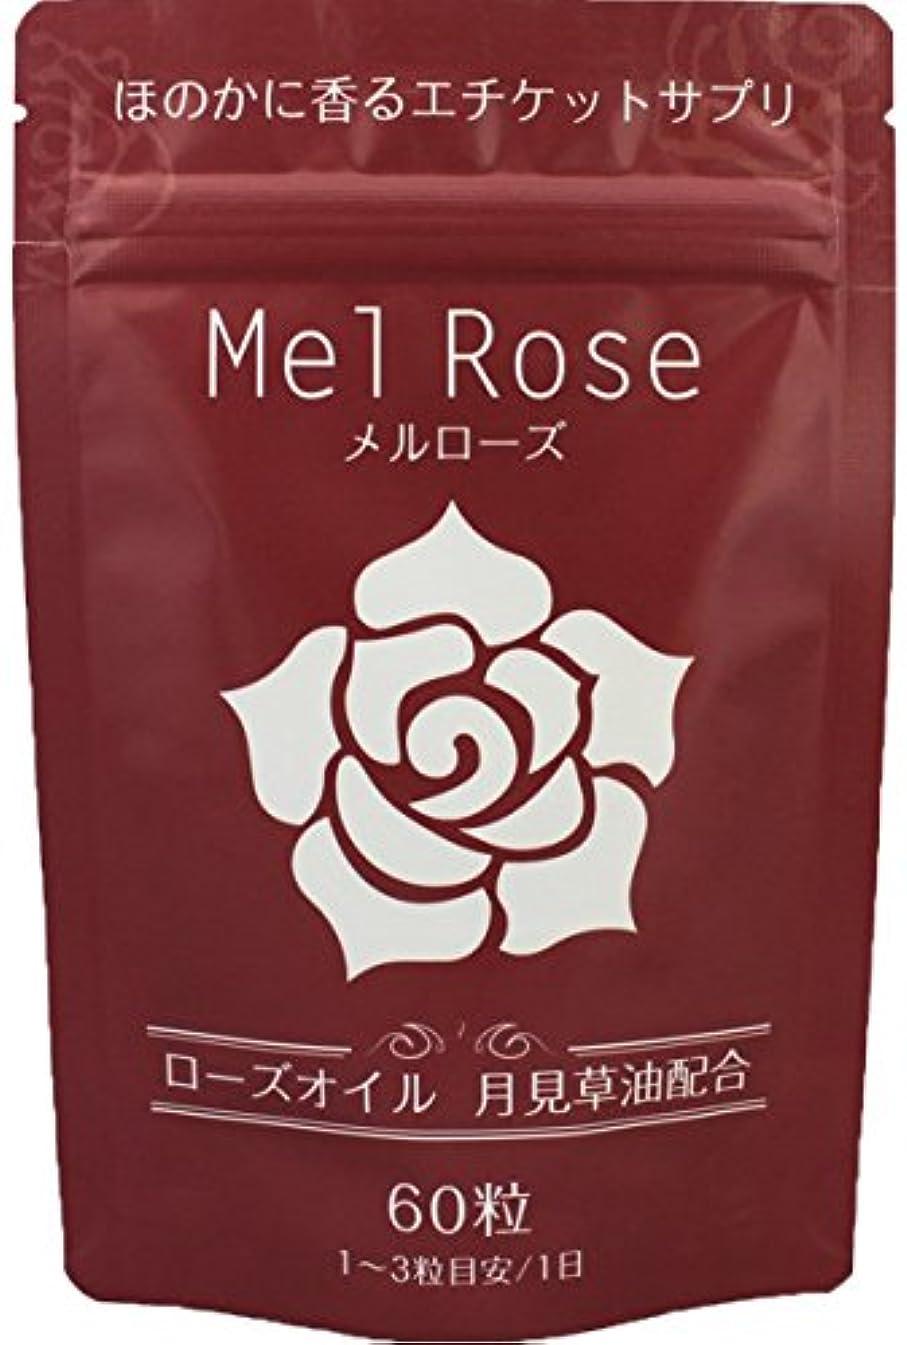 非アクティブ否認するますますメルローズ ローズサプリメント 月見草オイル 口臭 体臭 サプリ 薔薇 飲むフレグランス 60粒入り